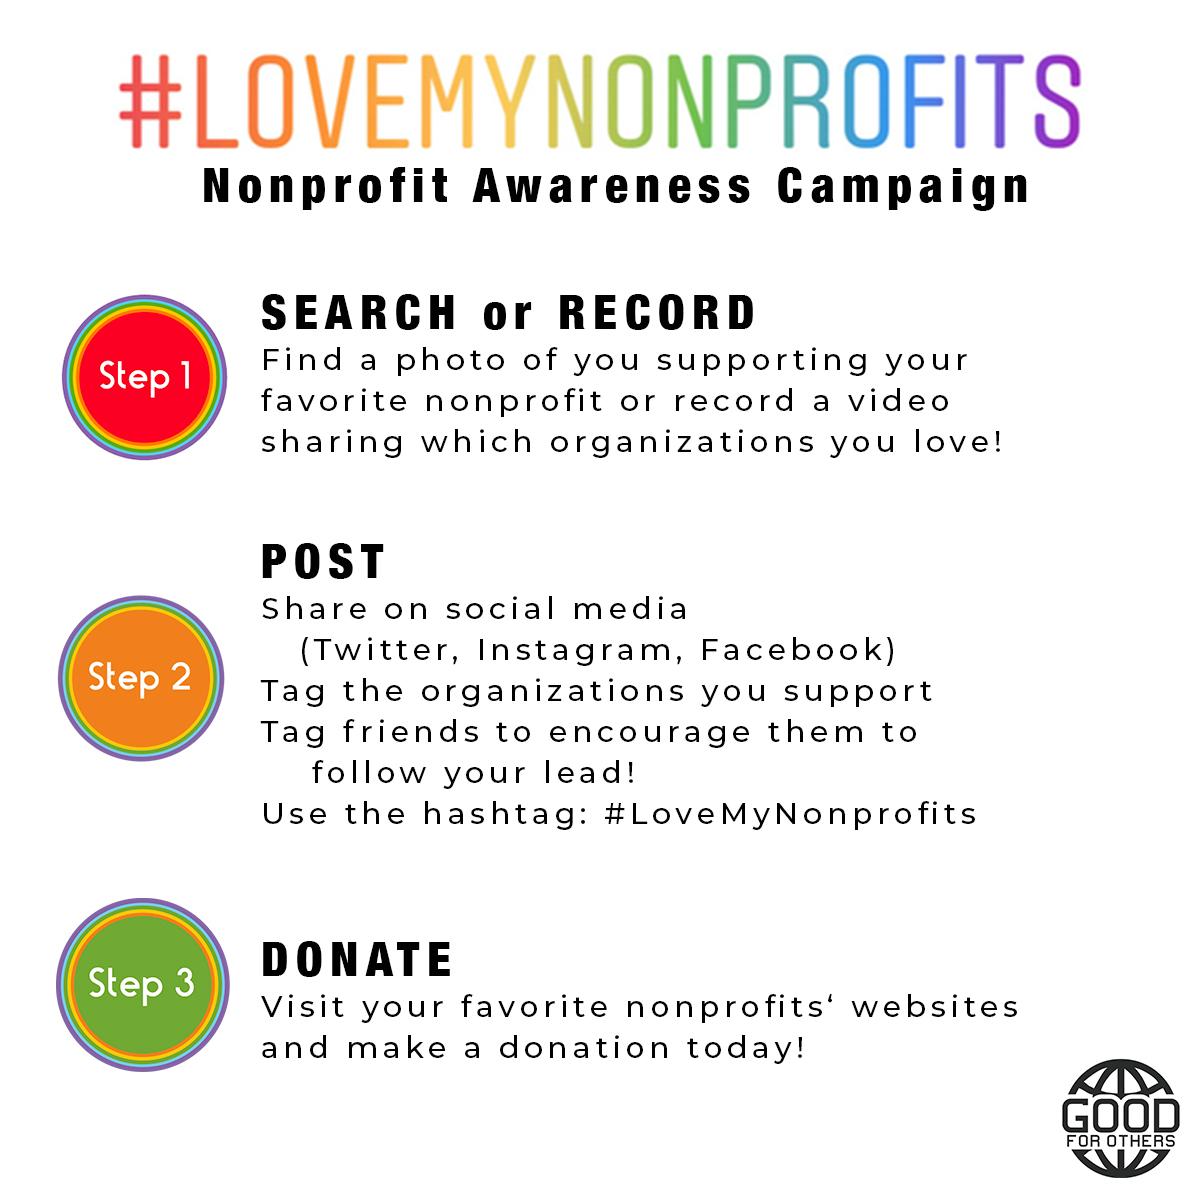 Good For Others #LoveMyNonprofits John Valencia